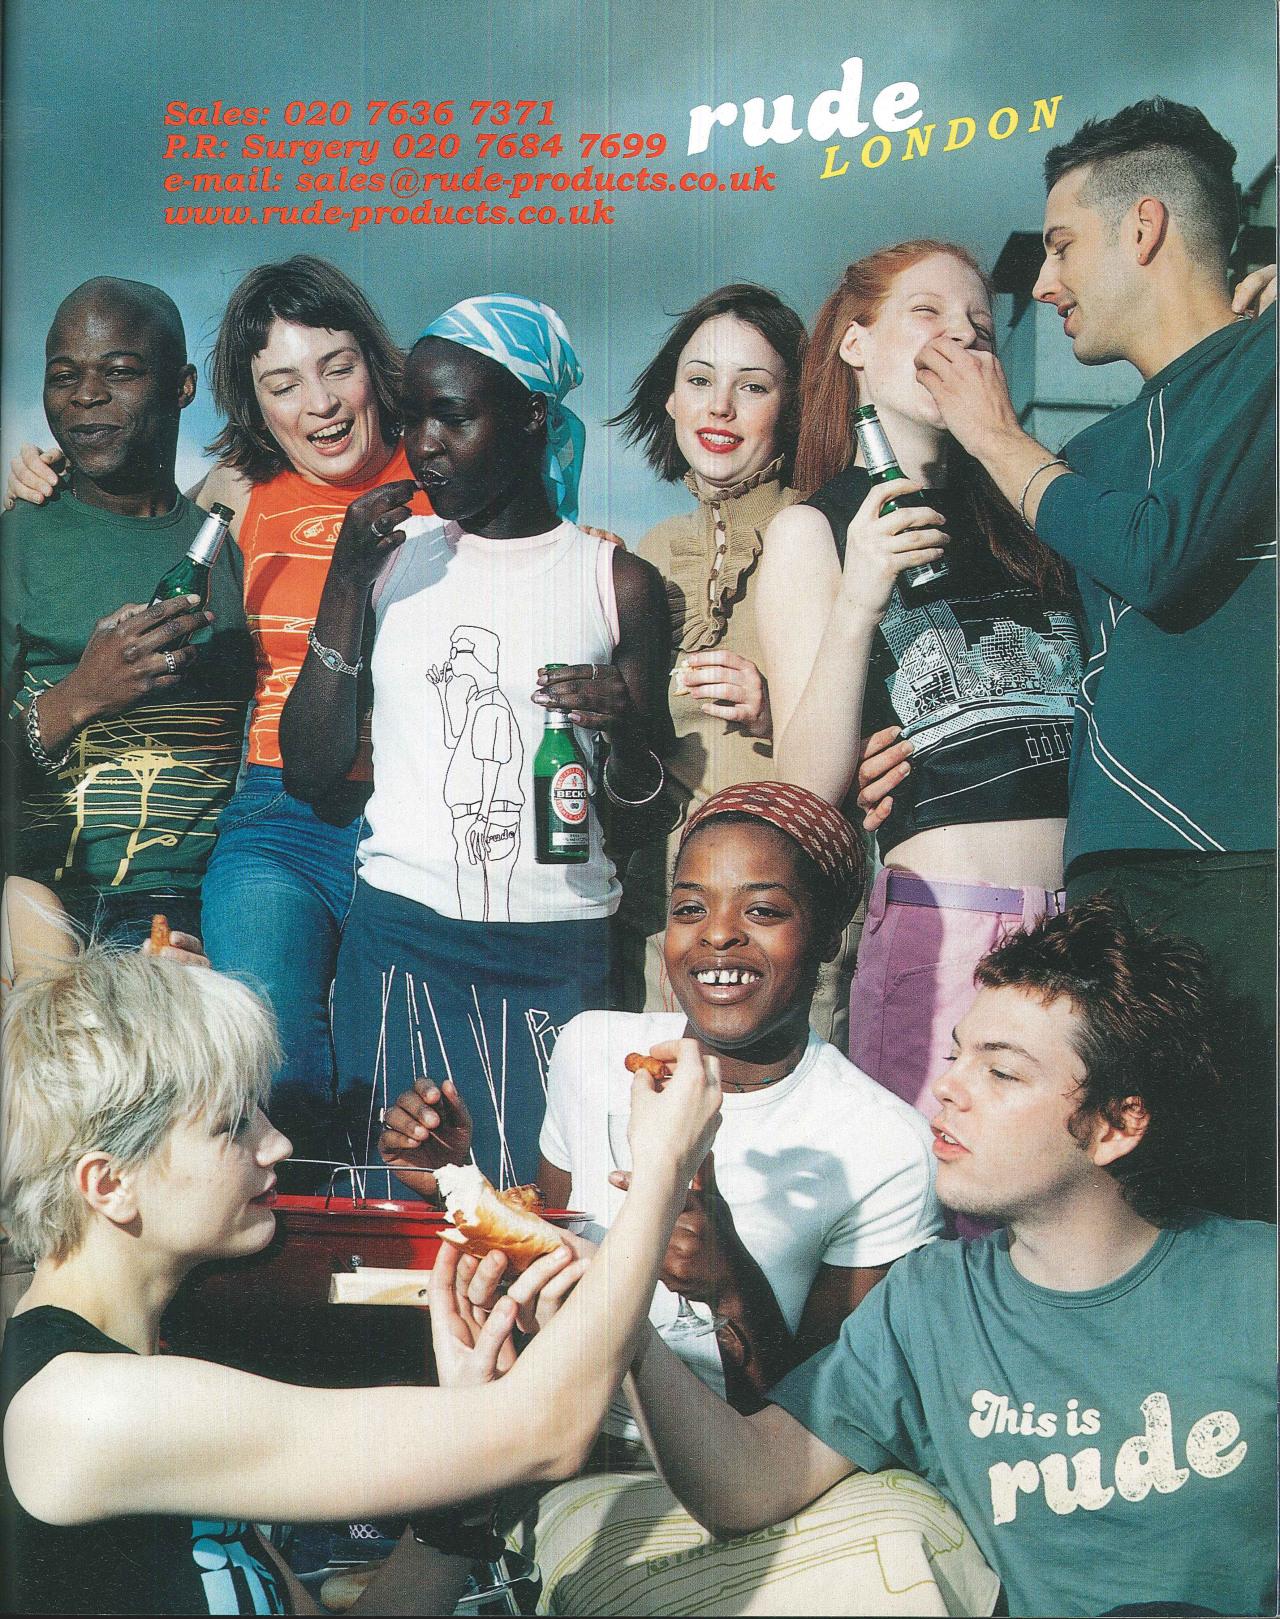 Sleazenation, September 2000, Issue 8